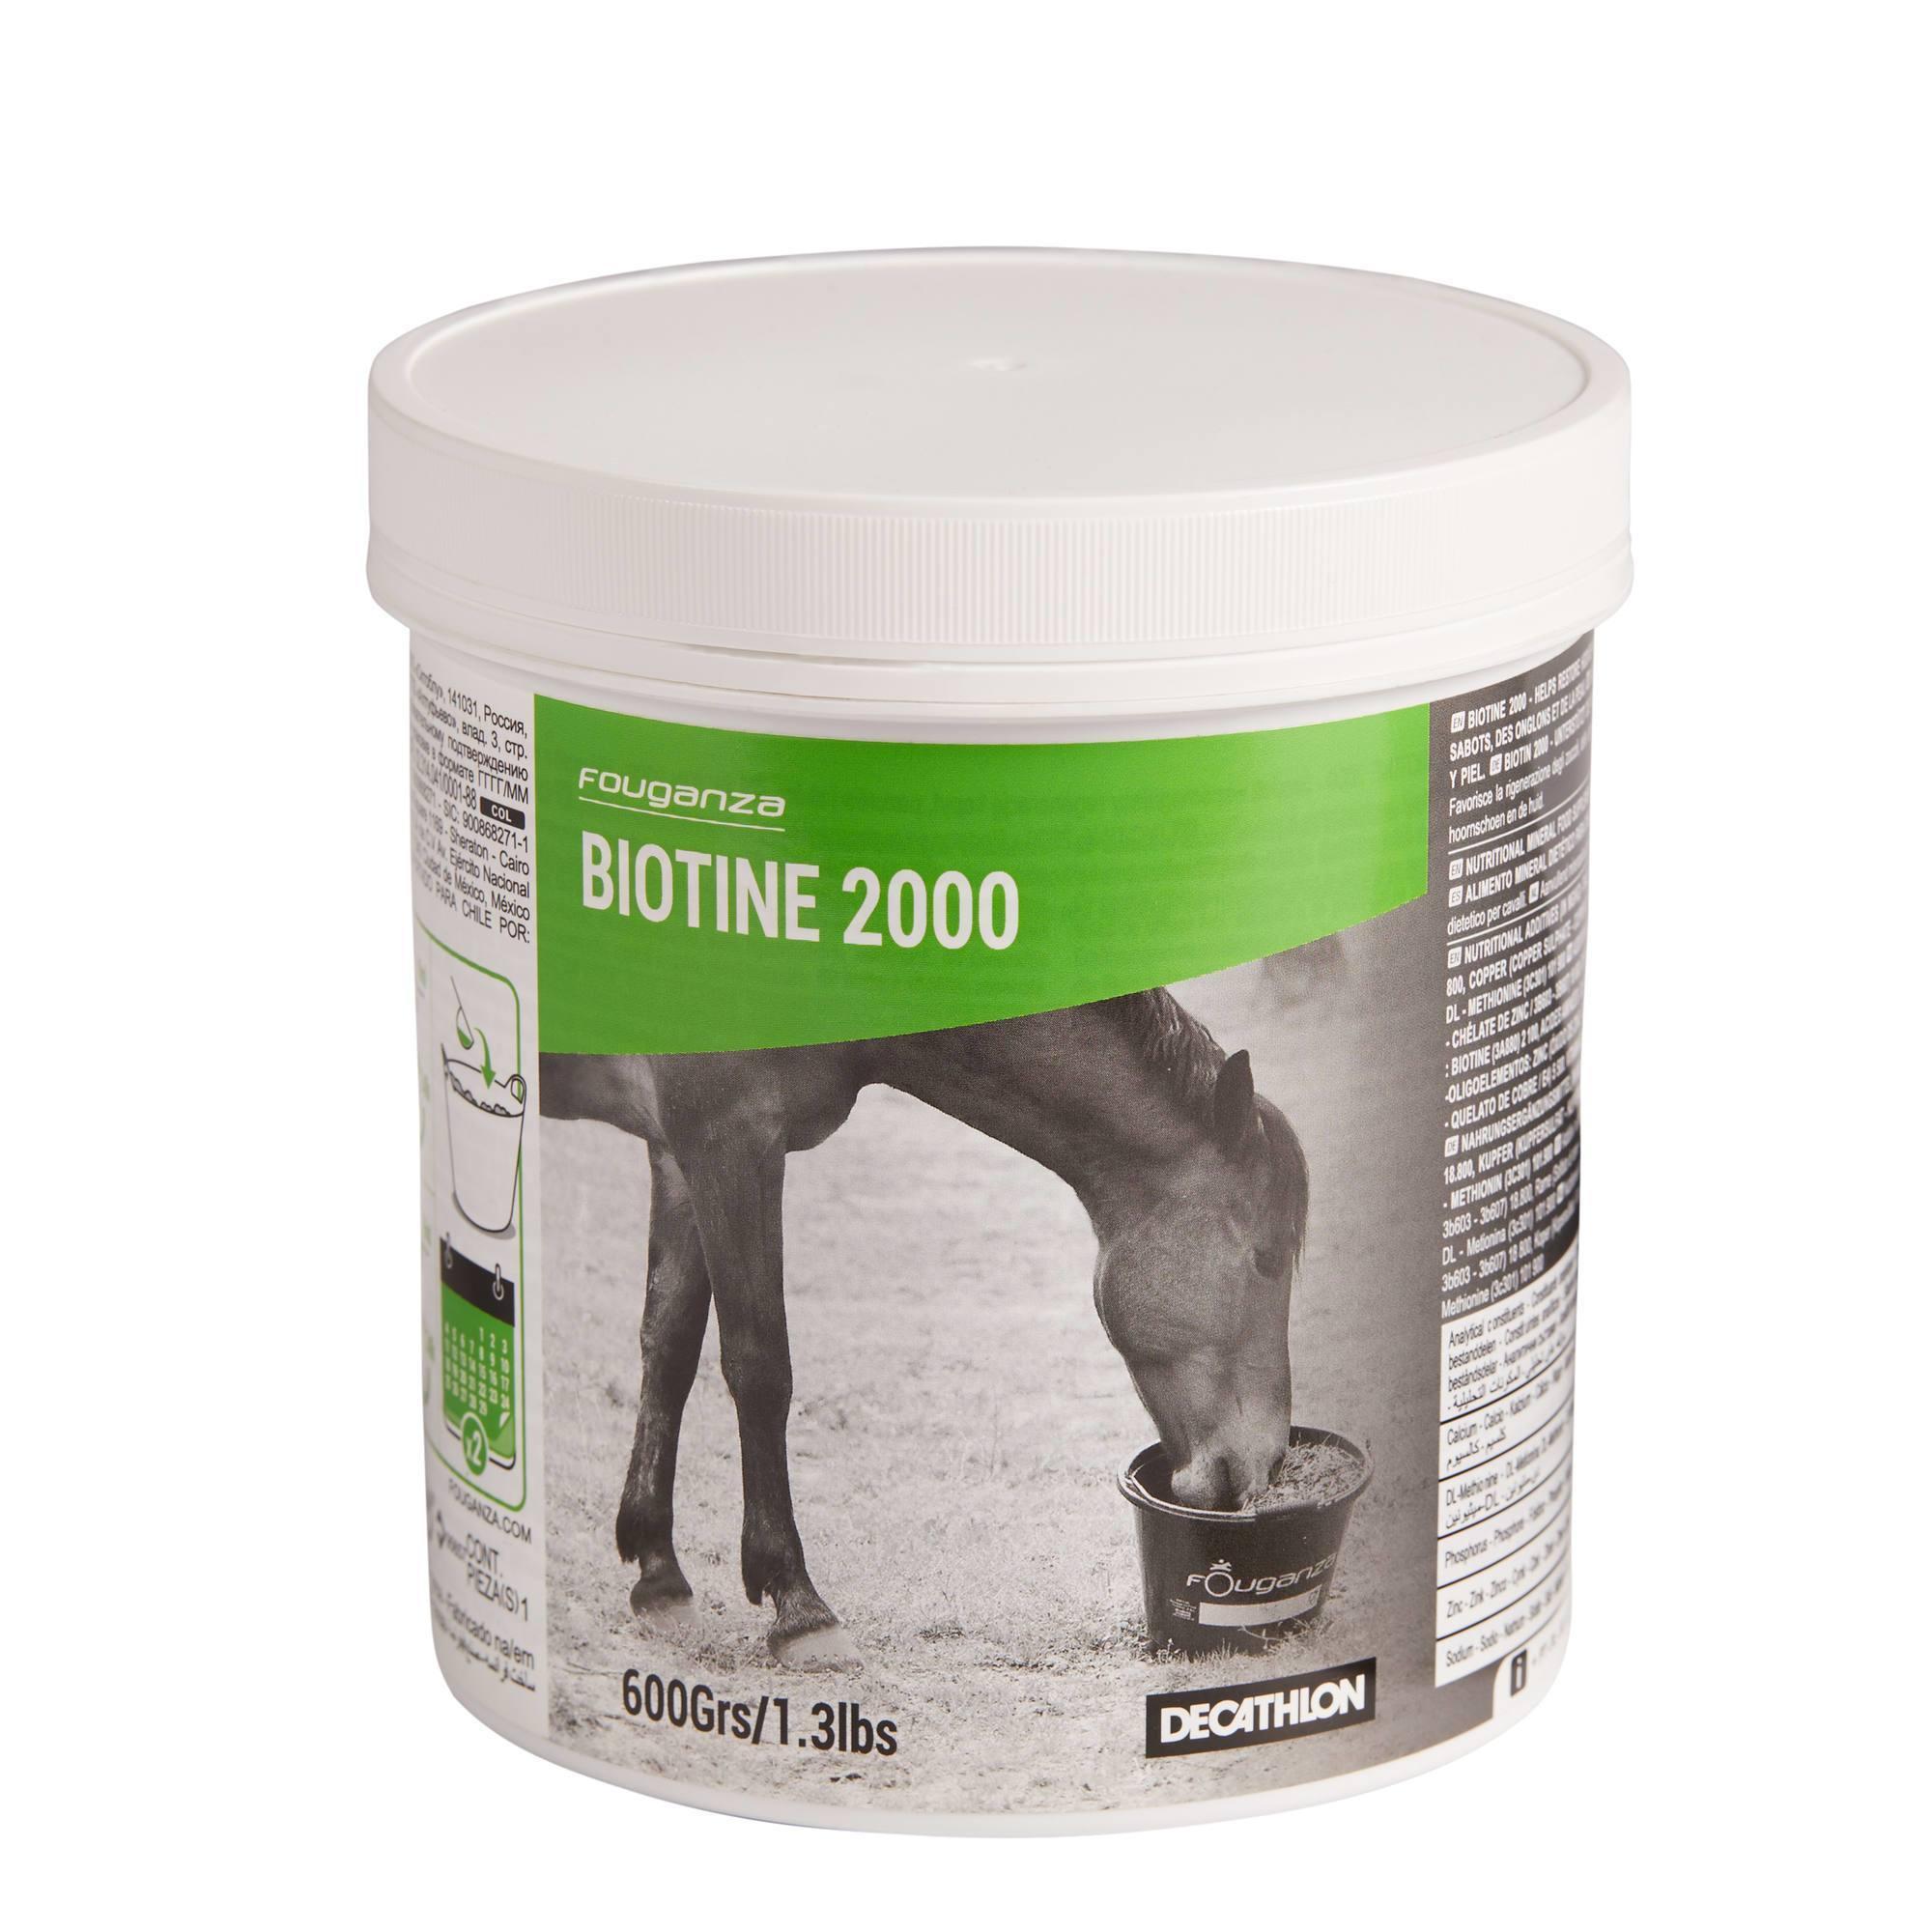 Complément alimentaire pour chevaux et poneys BIOTINE - 600grs